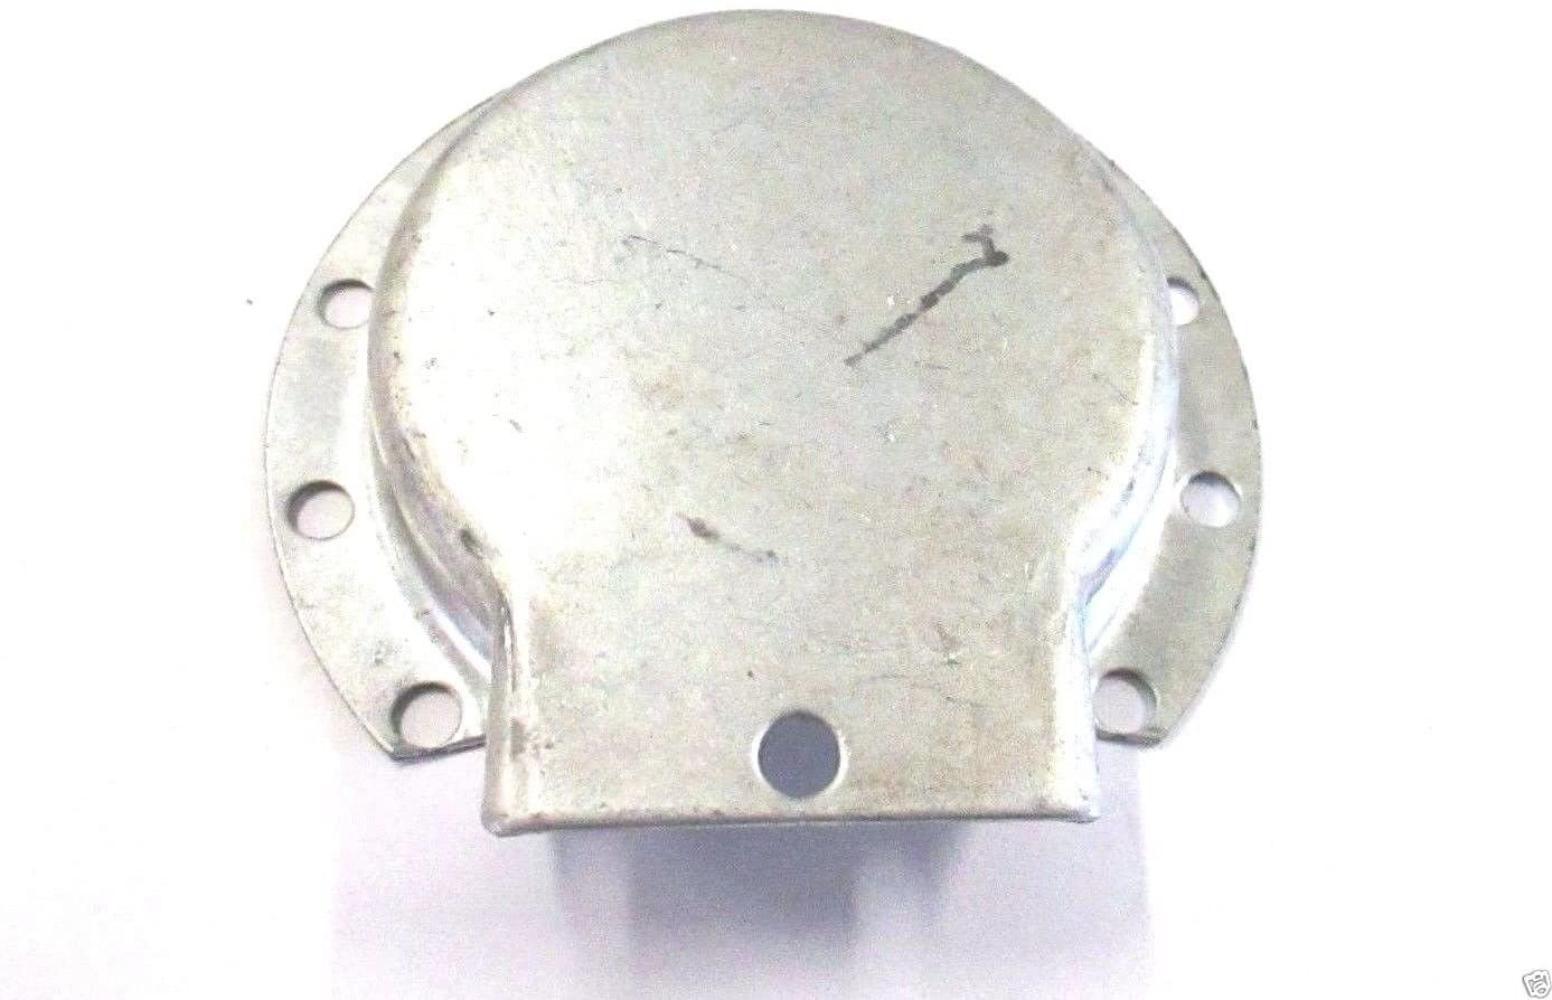 MTD 912-0431 Lawn /& Garden Equipment Hex Lock Nut Genuine Original Equipment Manufacturer OEM Part